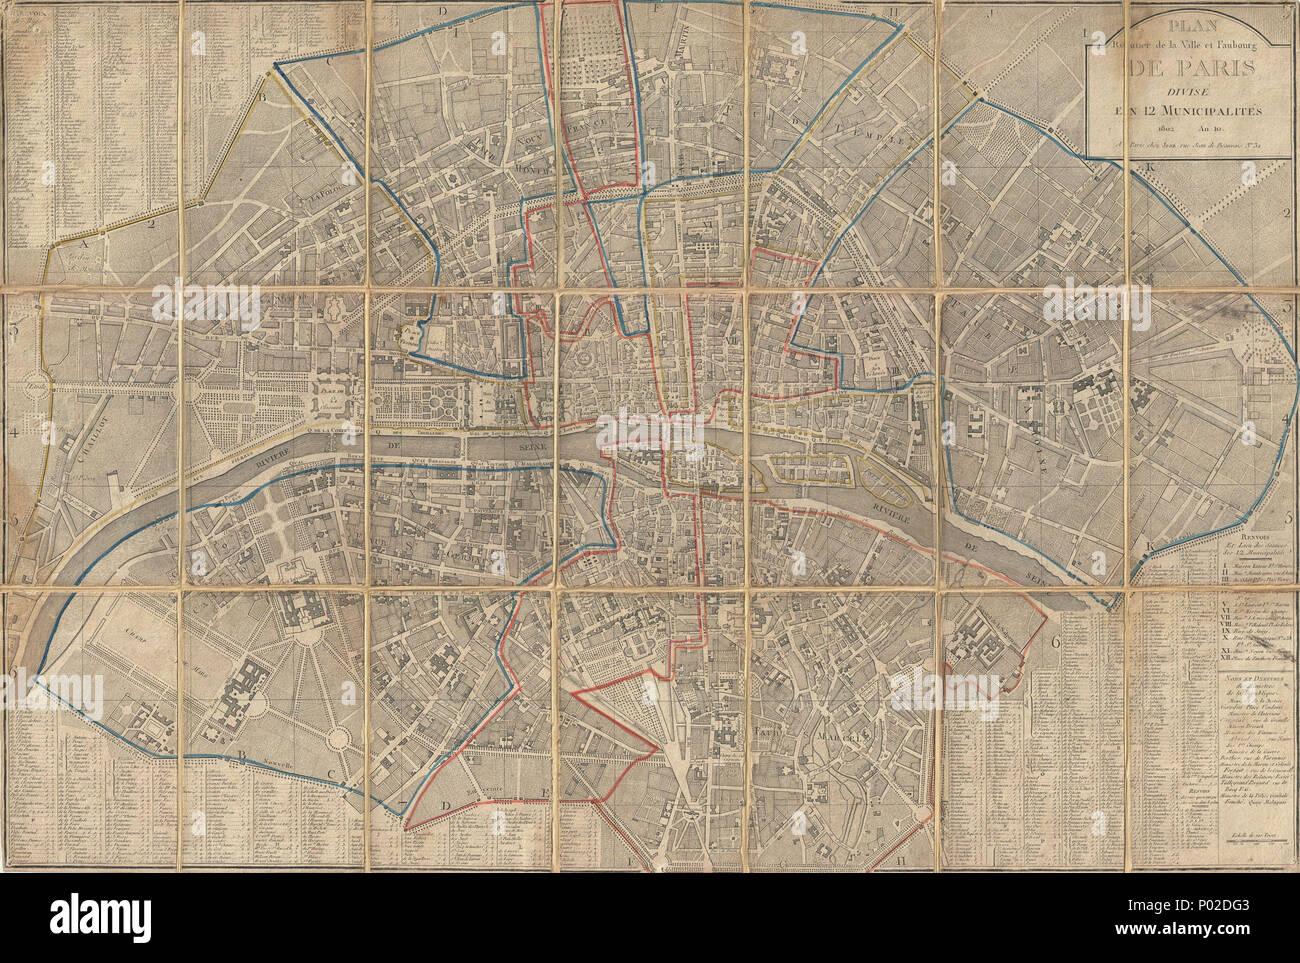 Map Of Paris 1800 Stock Photos & Map Of Paris 1800 Stock